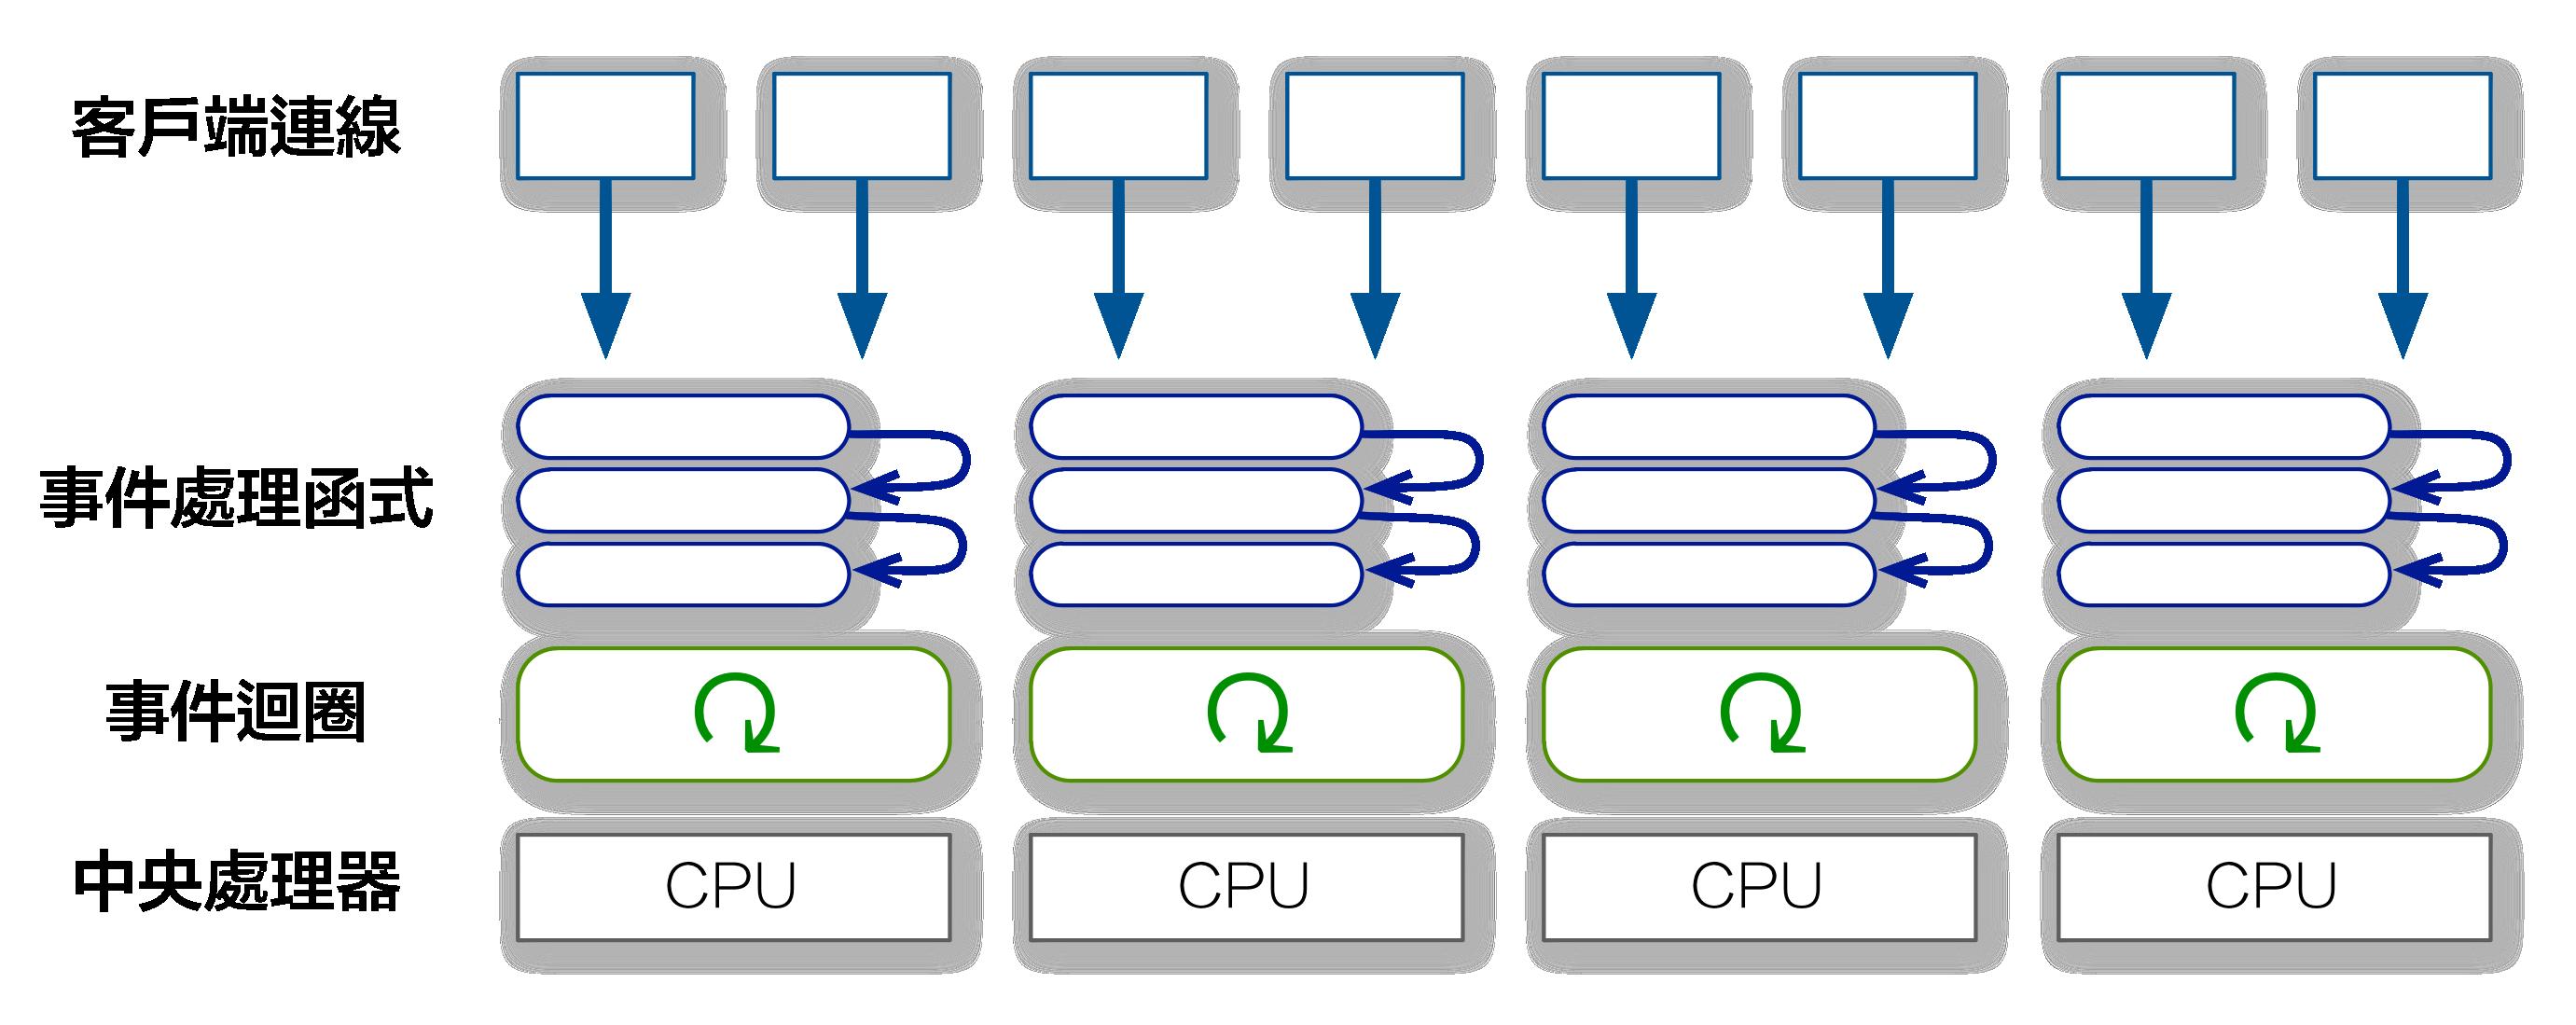 事件叢集伺服器(多處理器)